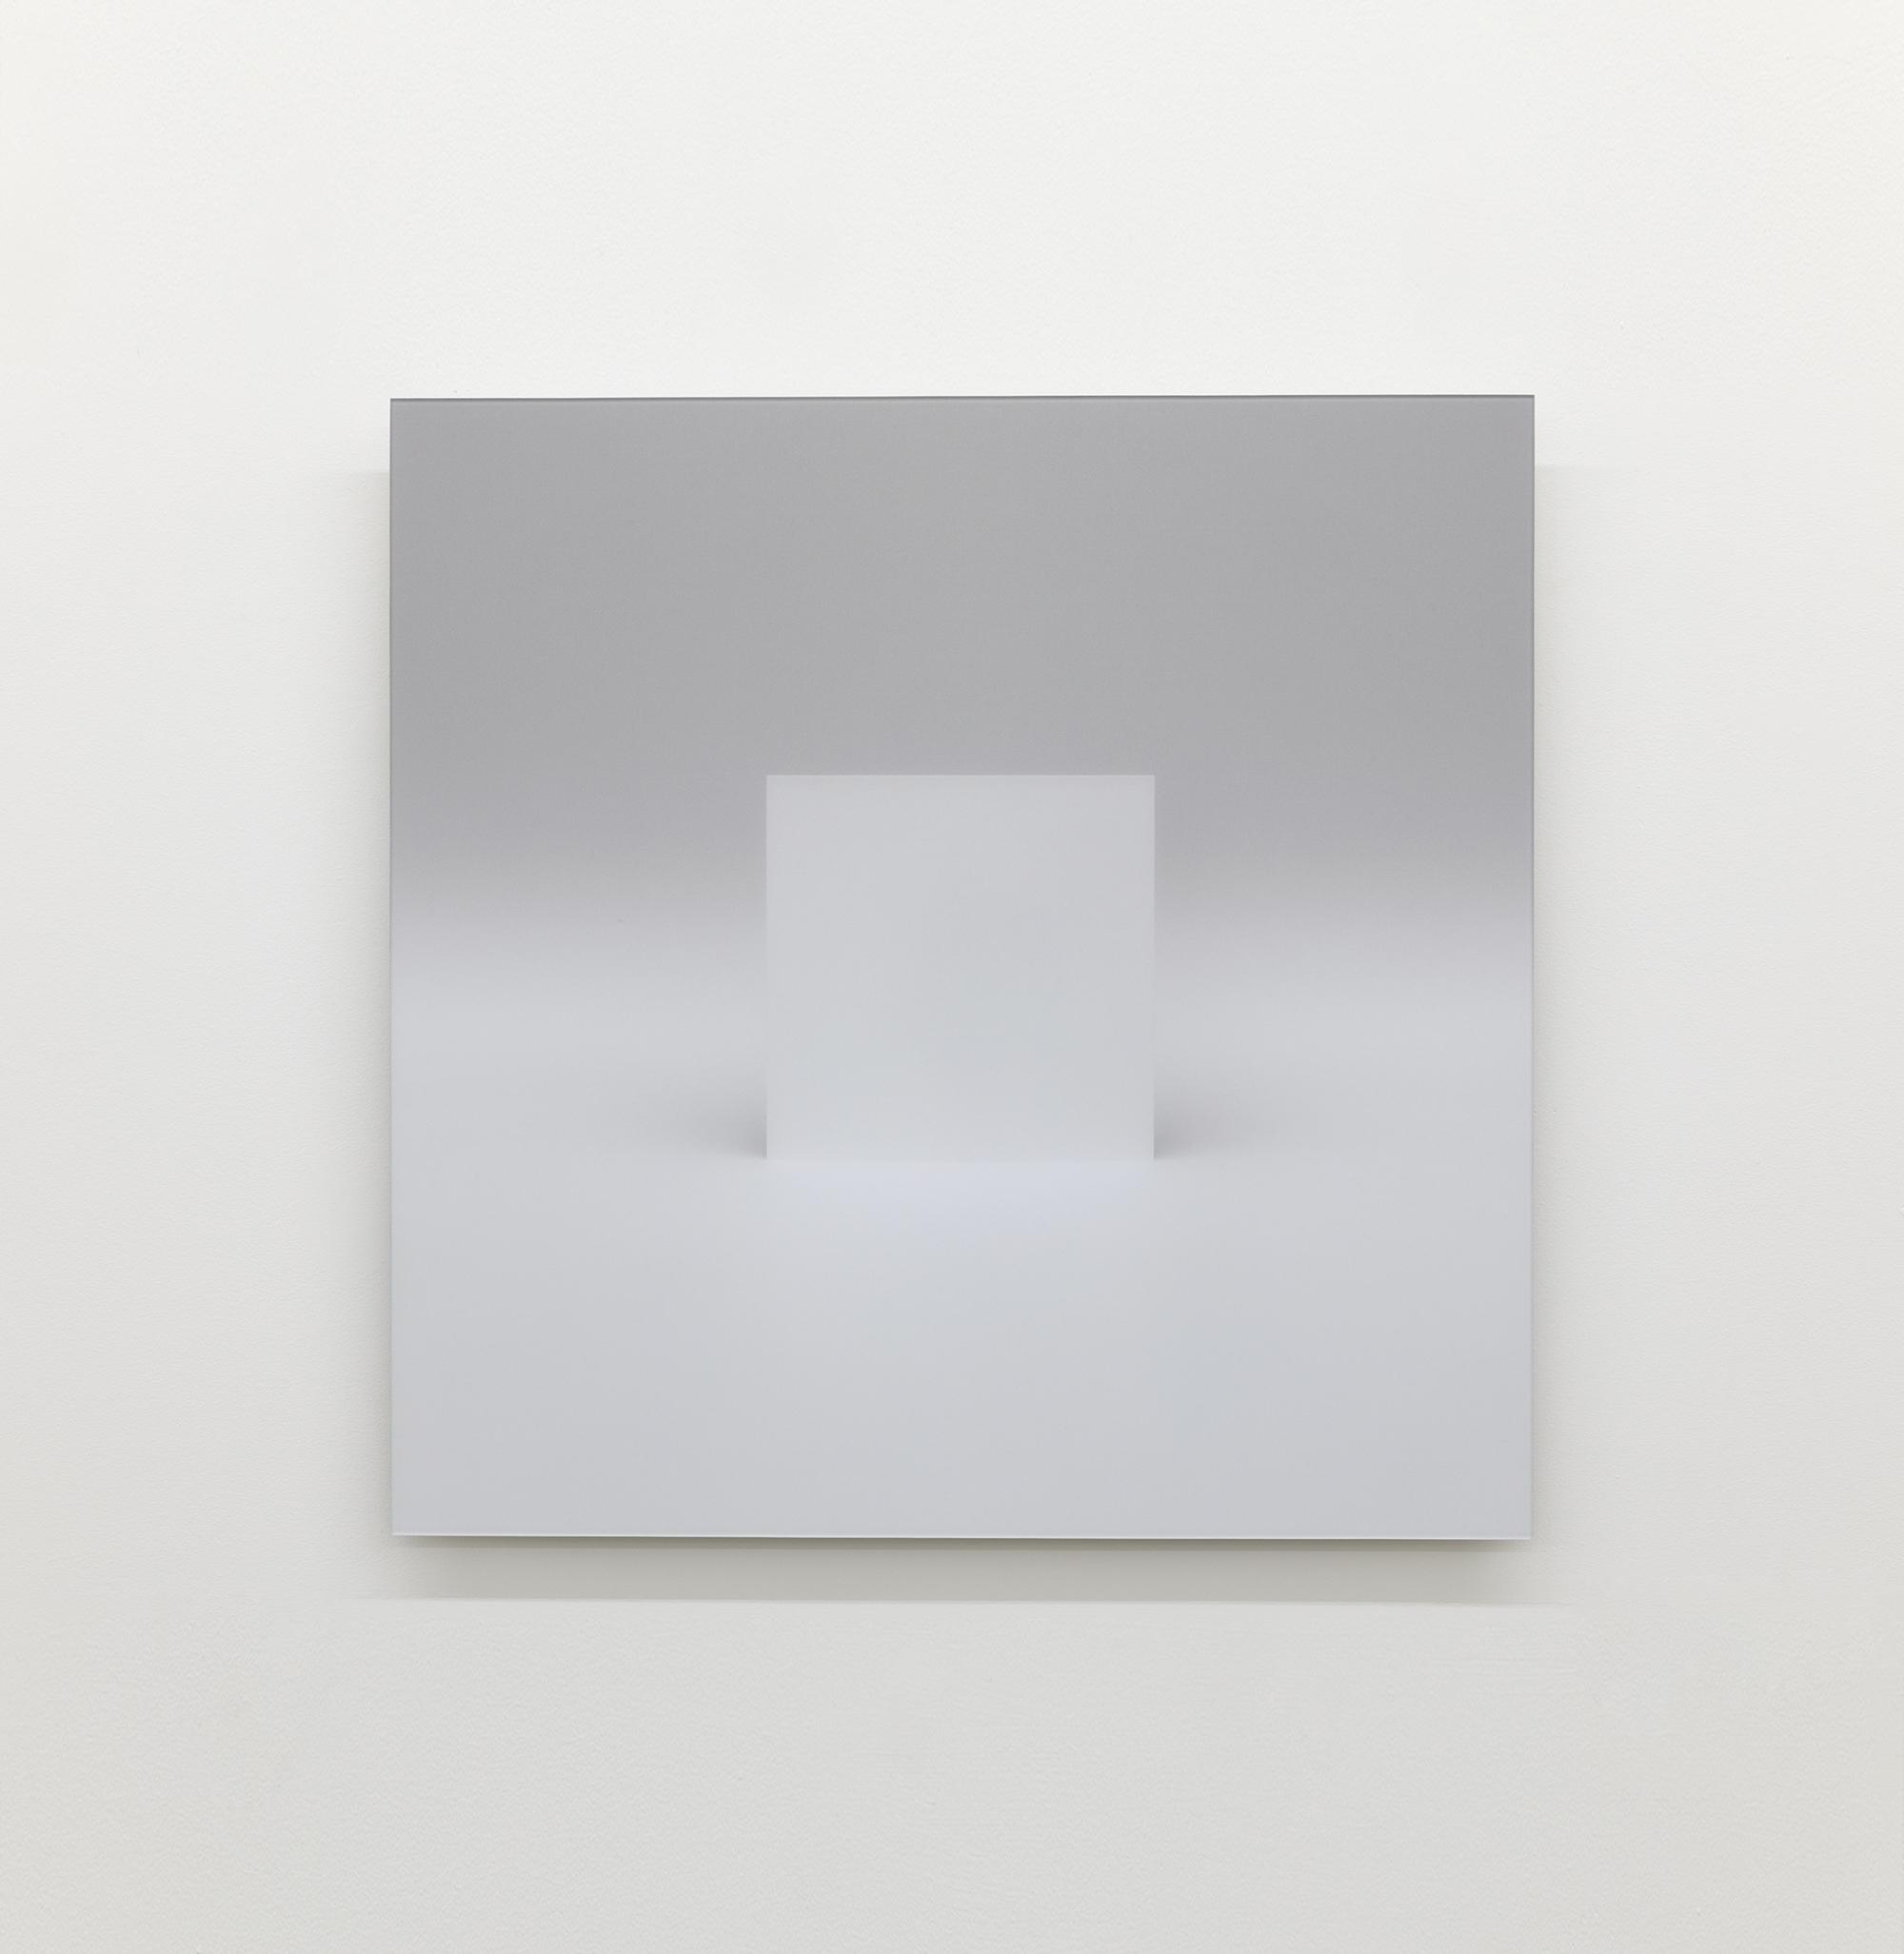 """Caroline Cloutier, Variations sur le plein et le vide, l'envers et l'endroit - Élément 1, 2017, impression numérique montée sous acrylique anti-reflet,24"""" x 24"""" (61 x 61 cm)."""